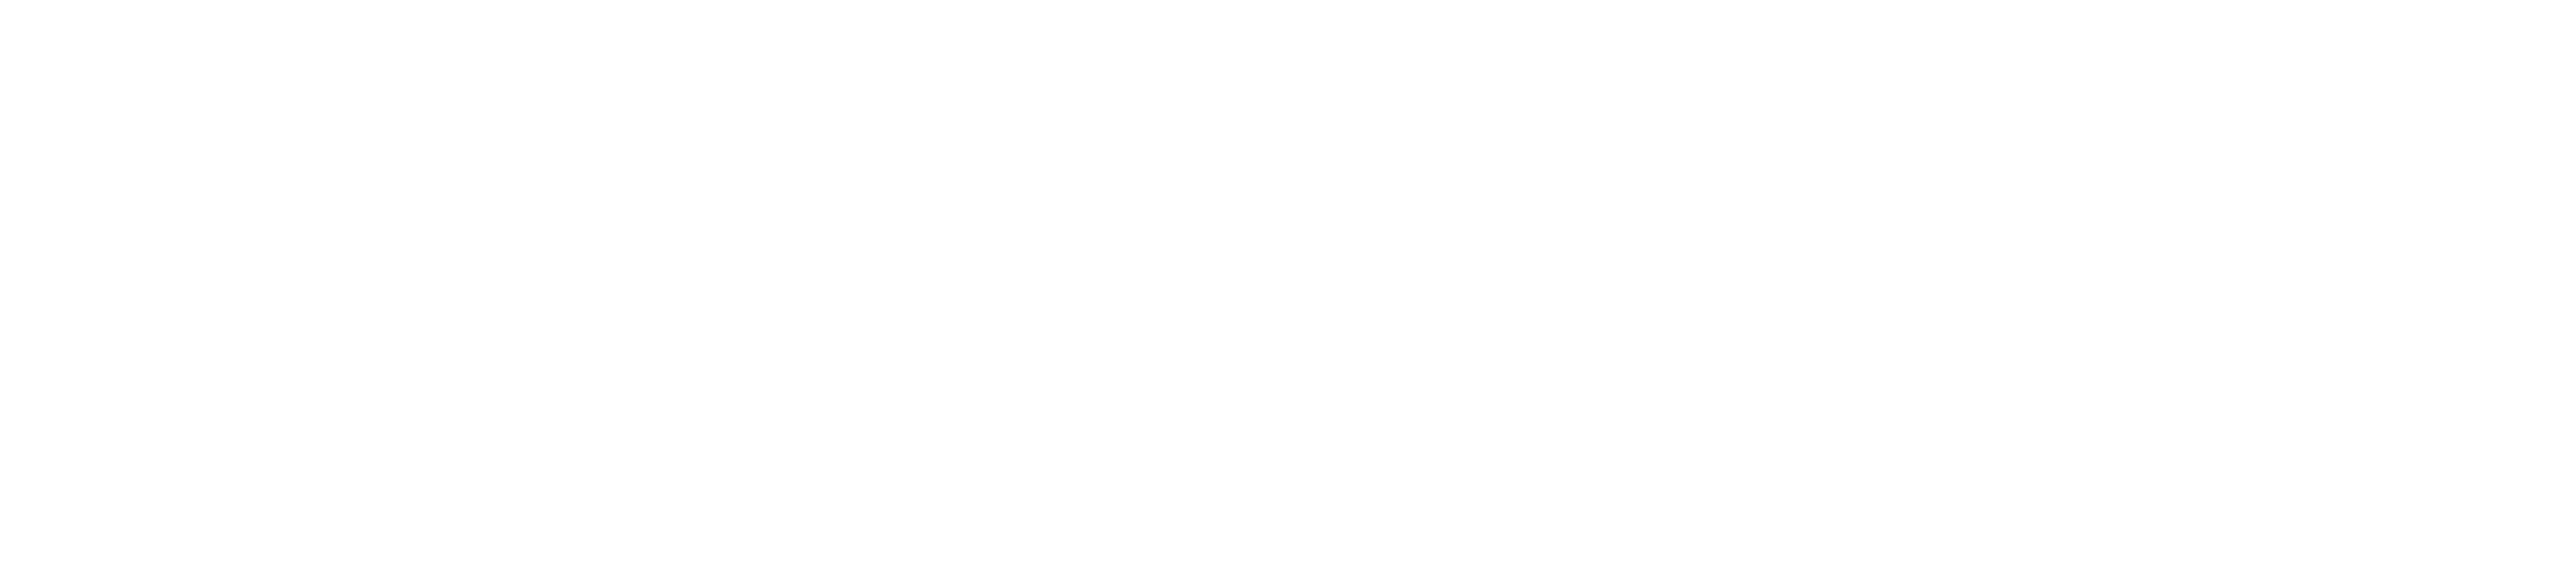 VectorSolutions_Logo_Wht (5)